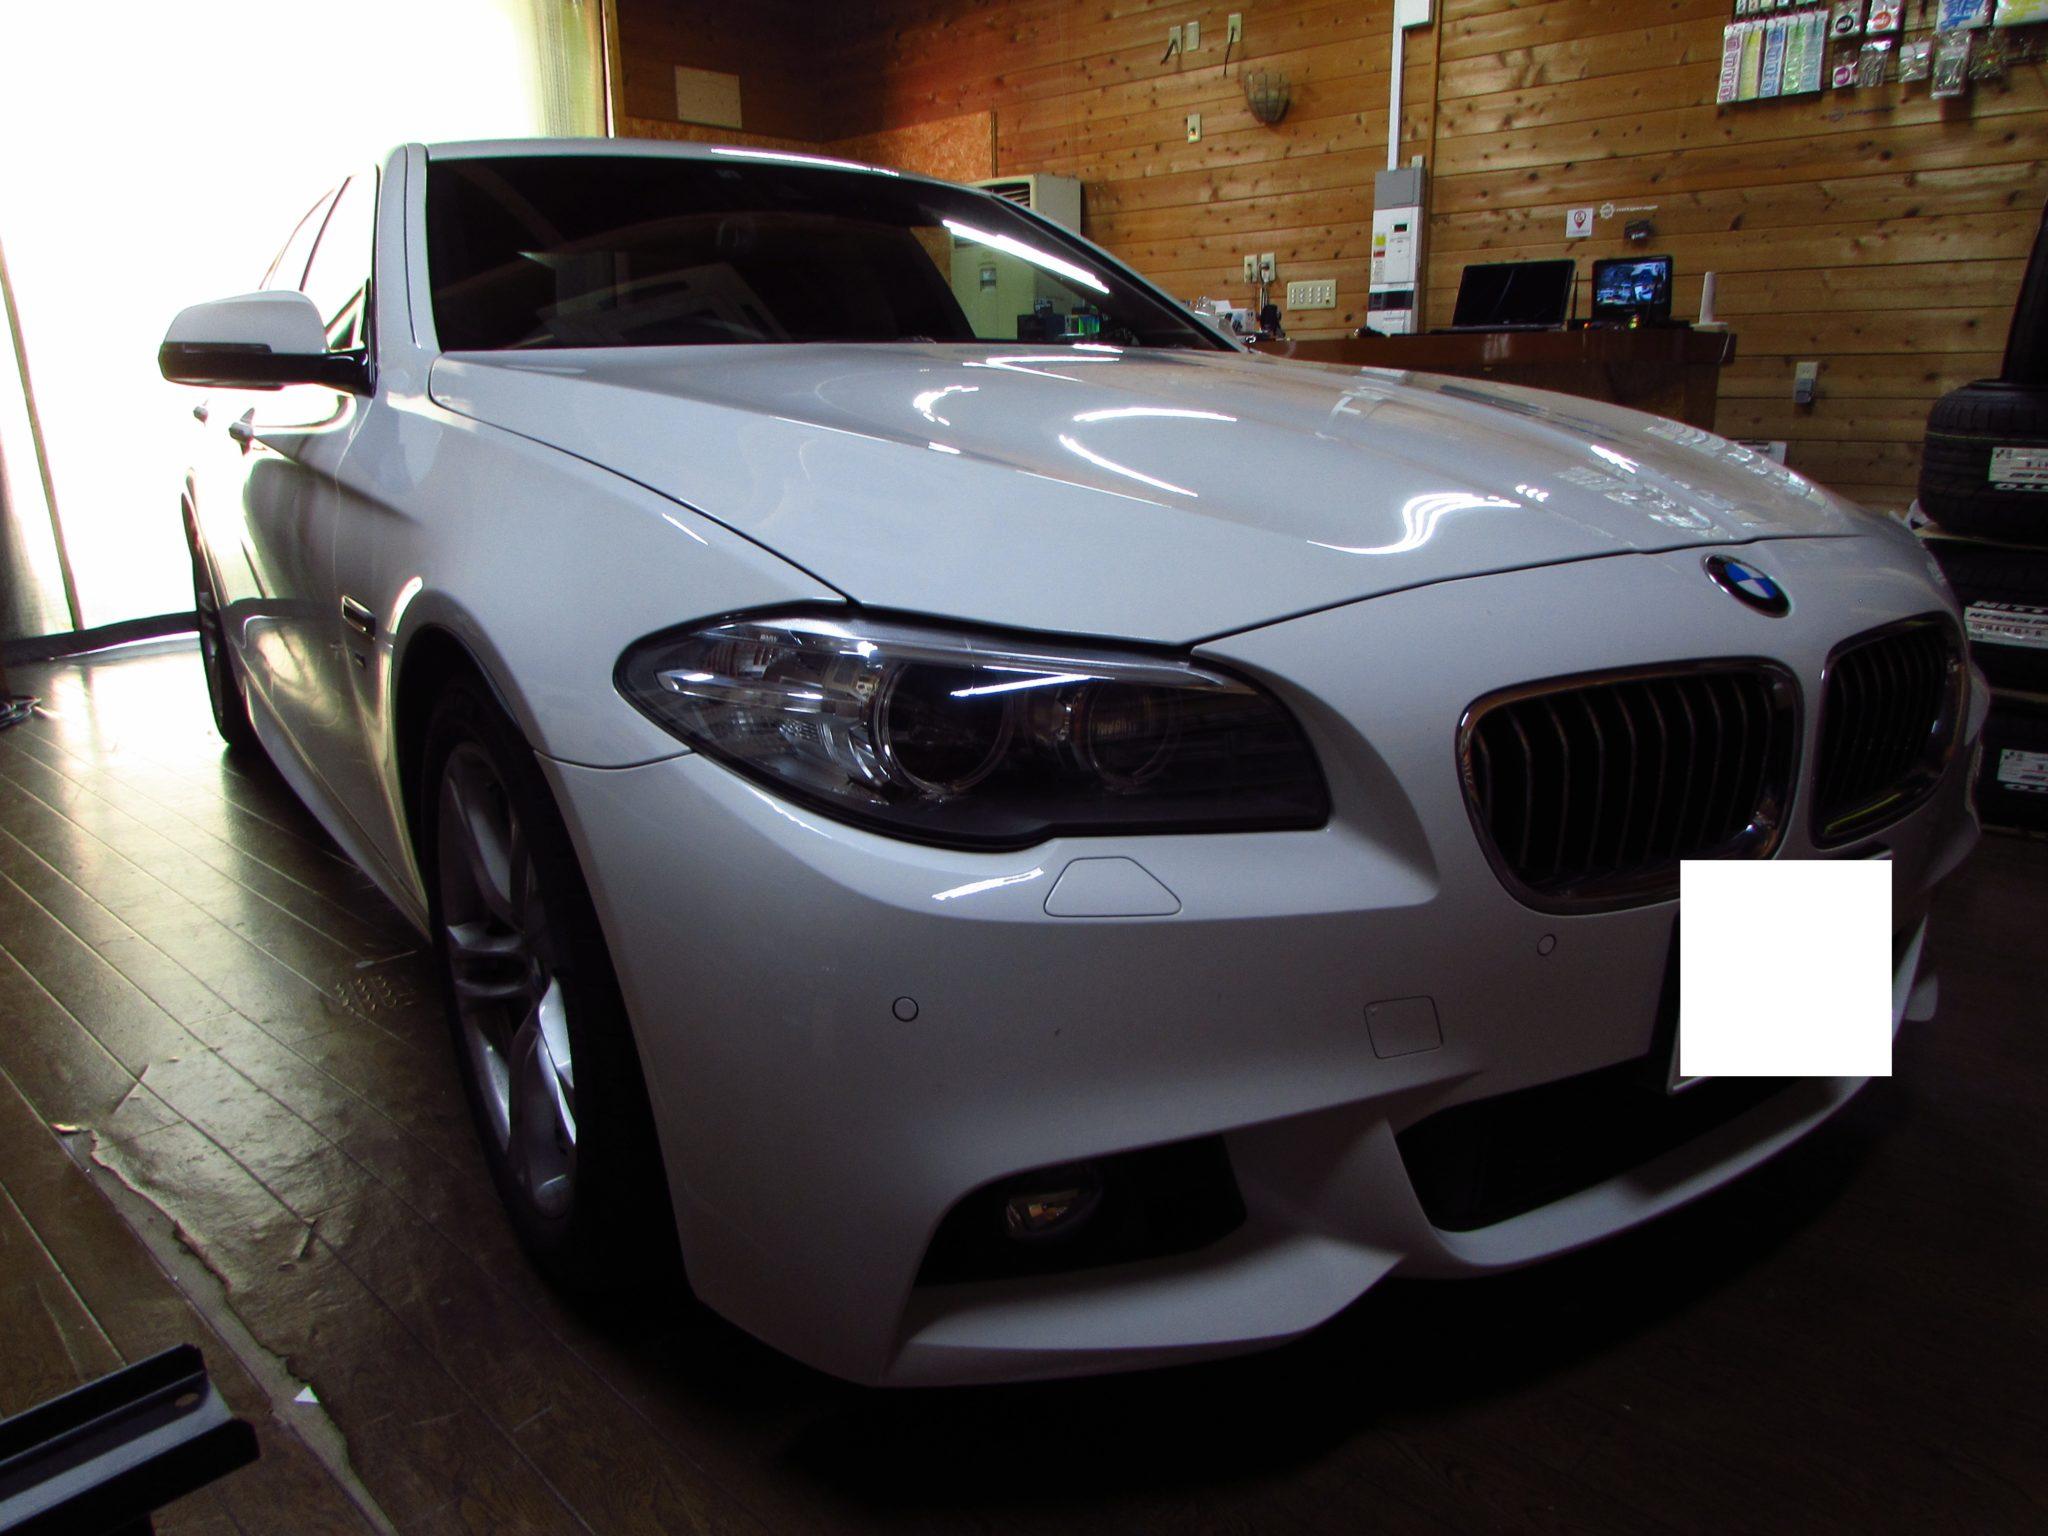 今は入荷を待つしかない。BMW F10にドライブレコーダ取付!